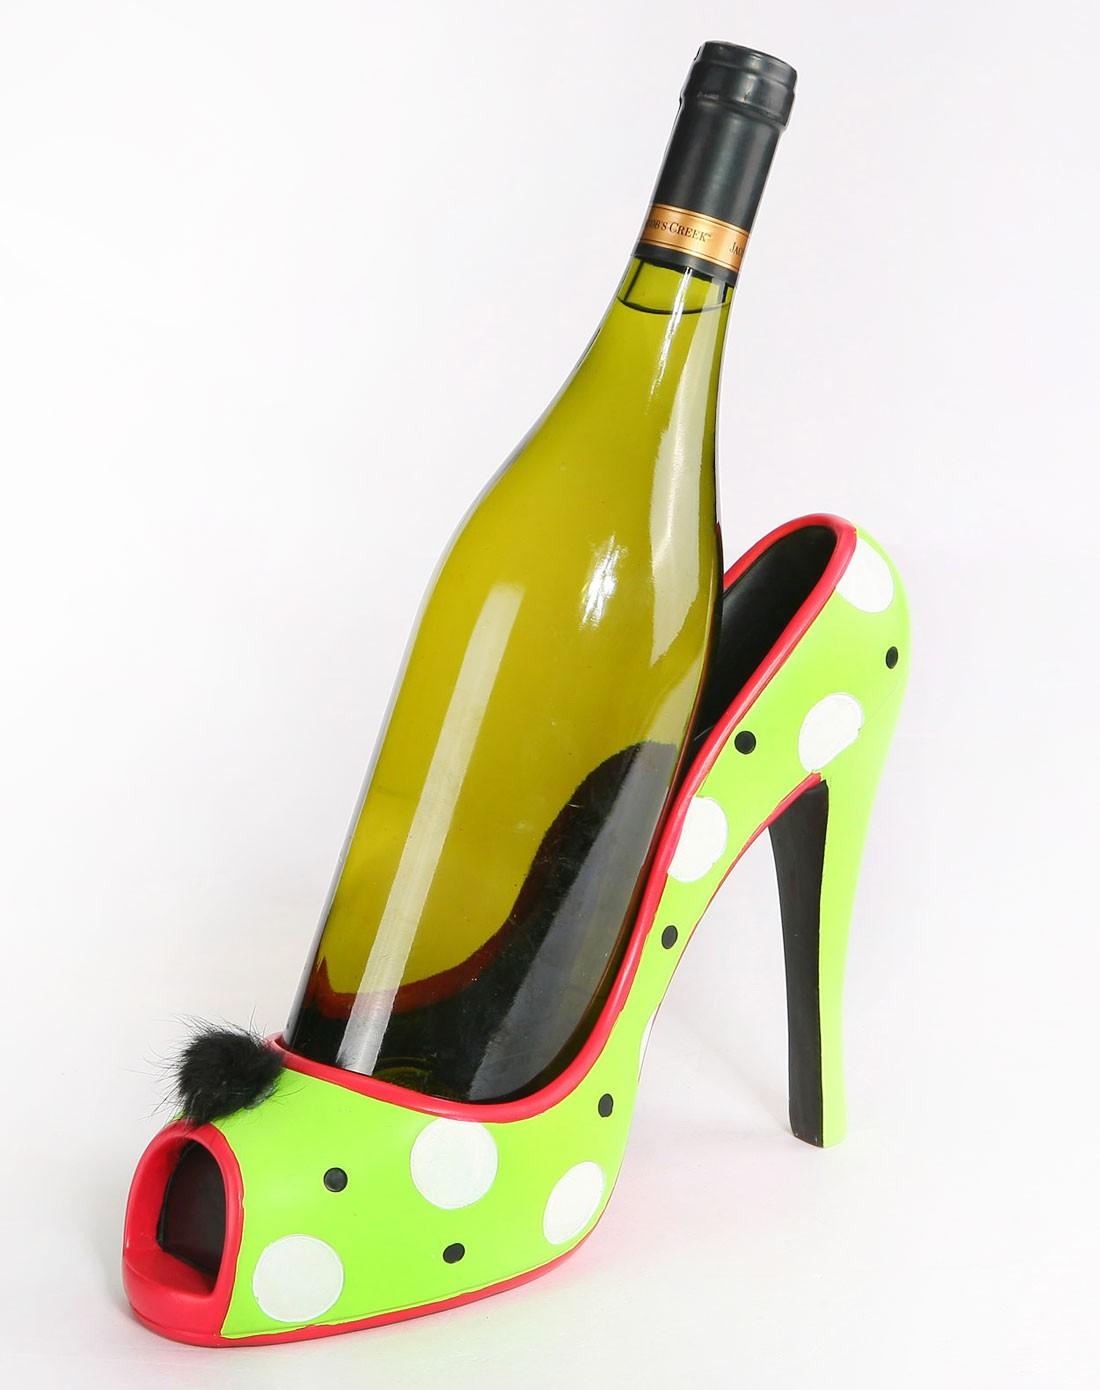 创意高跟鞋手绘树脂红酒架-绿色圆点